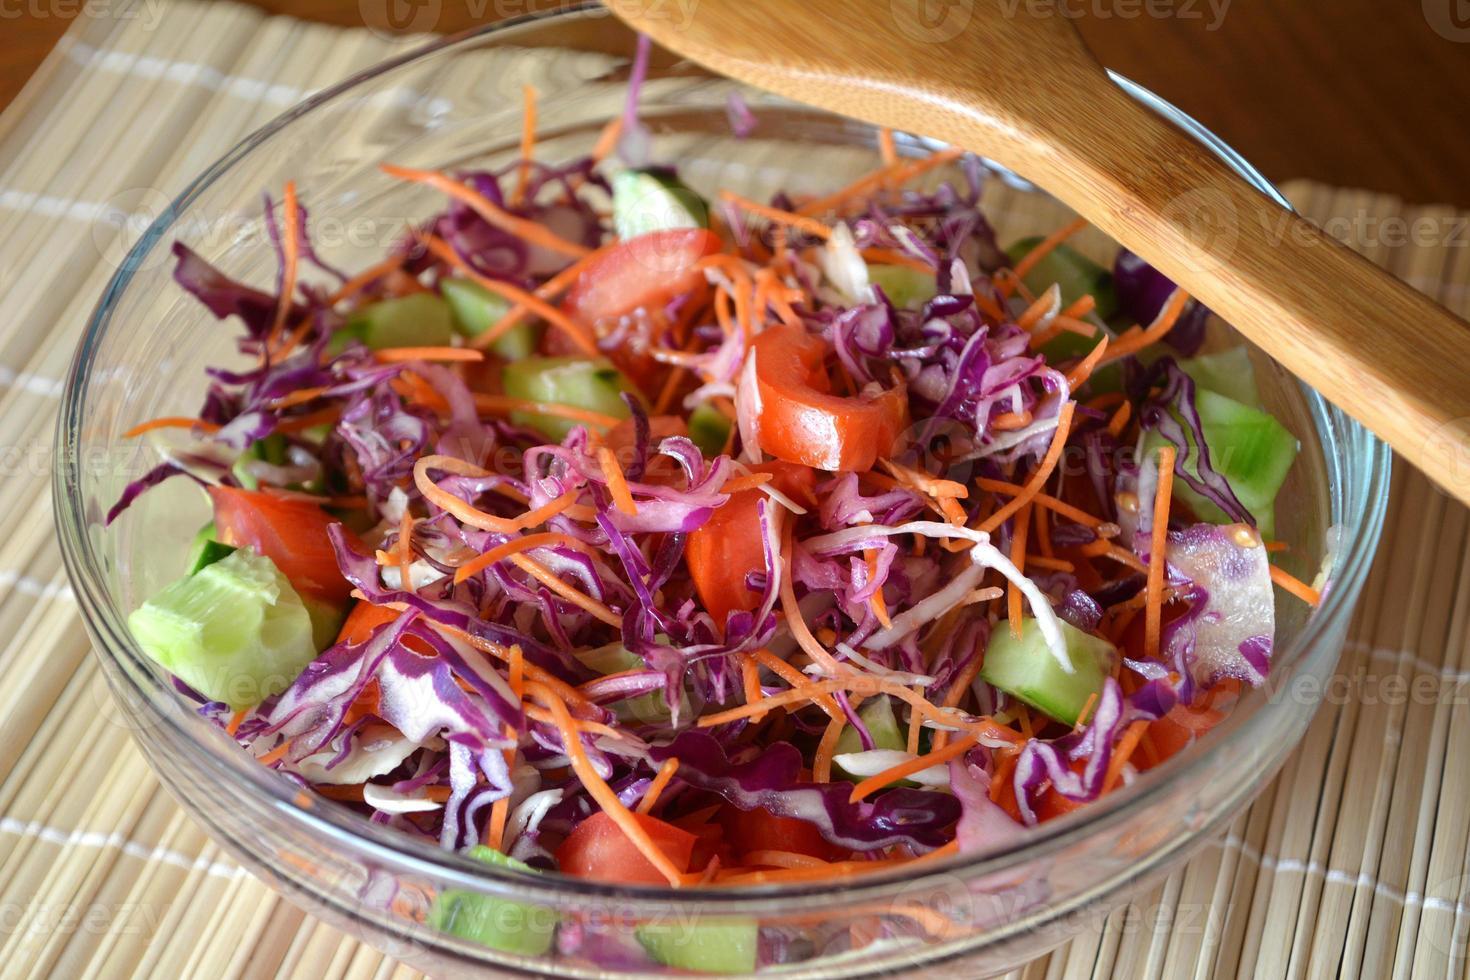 gezonde groentesalade met rode kool op een glazen kom foto